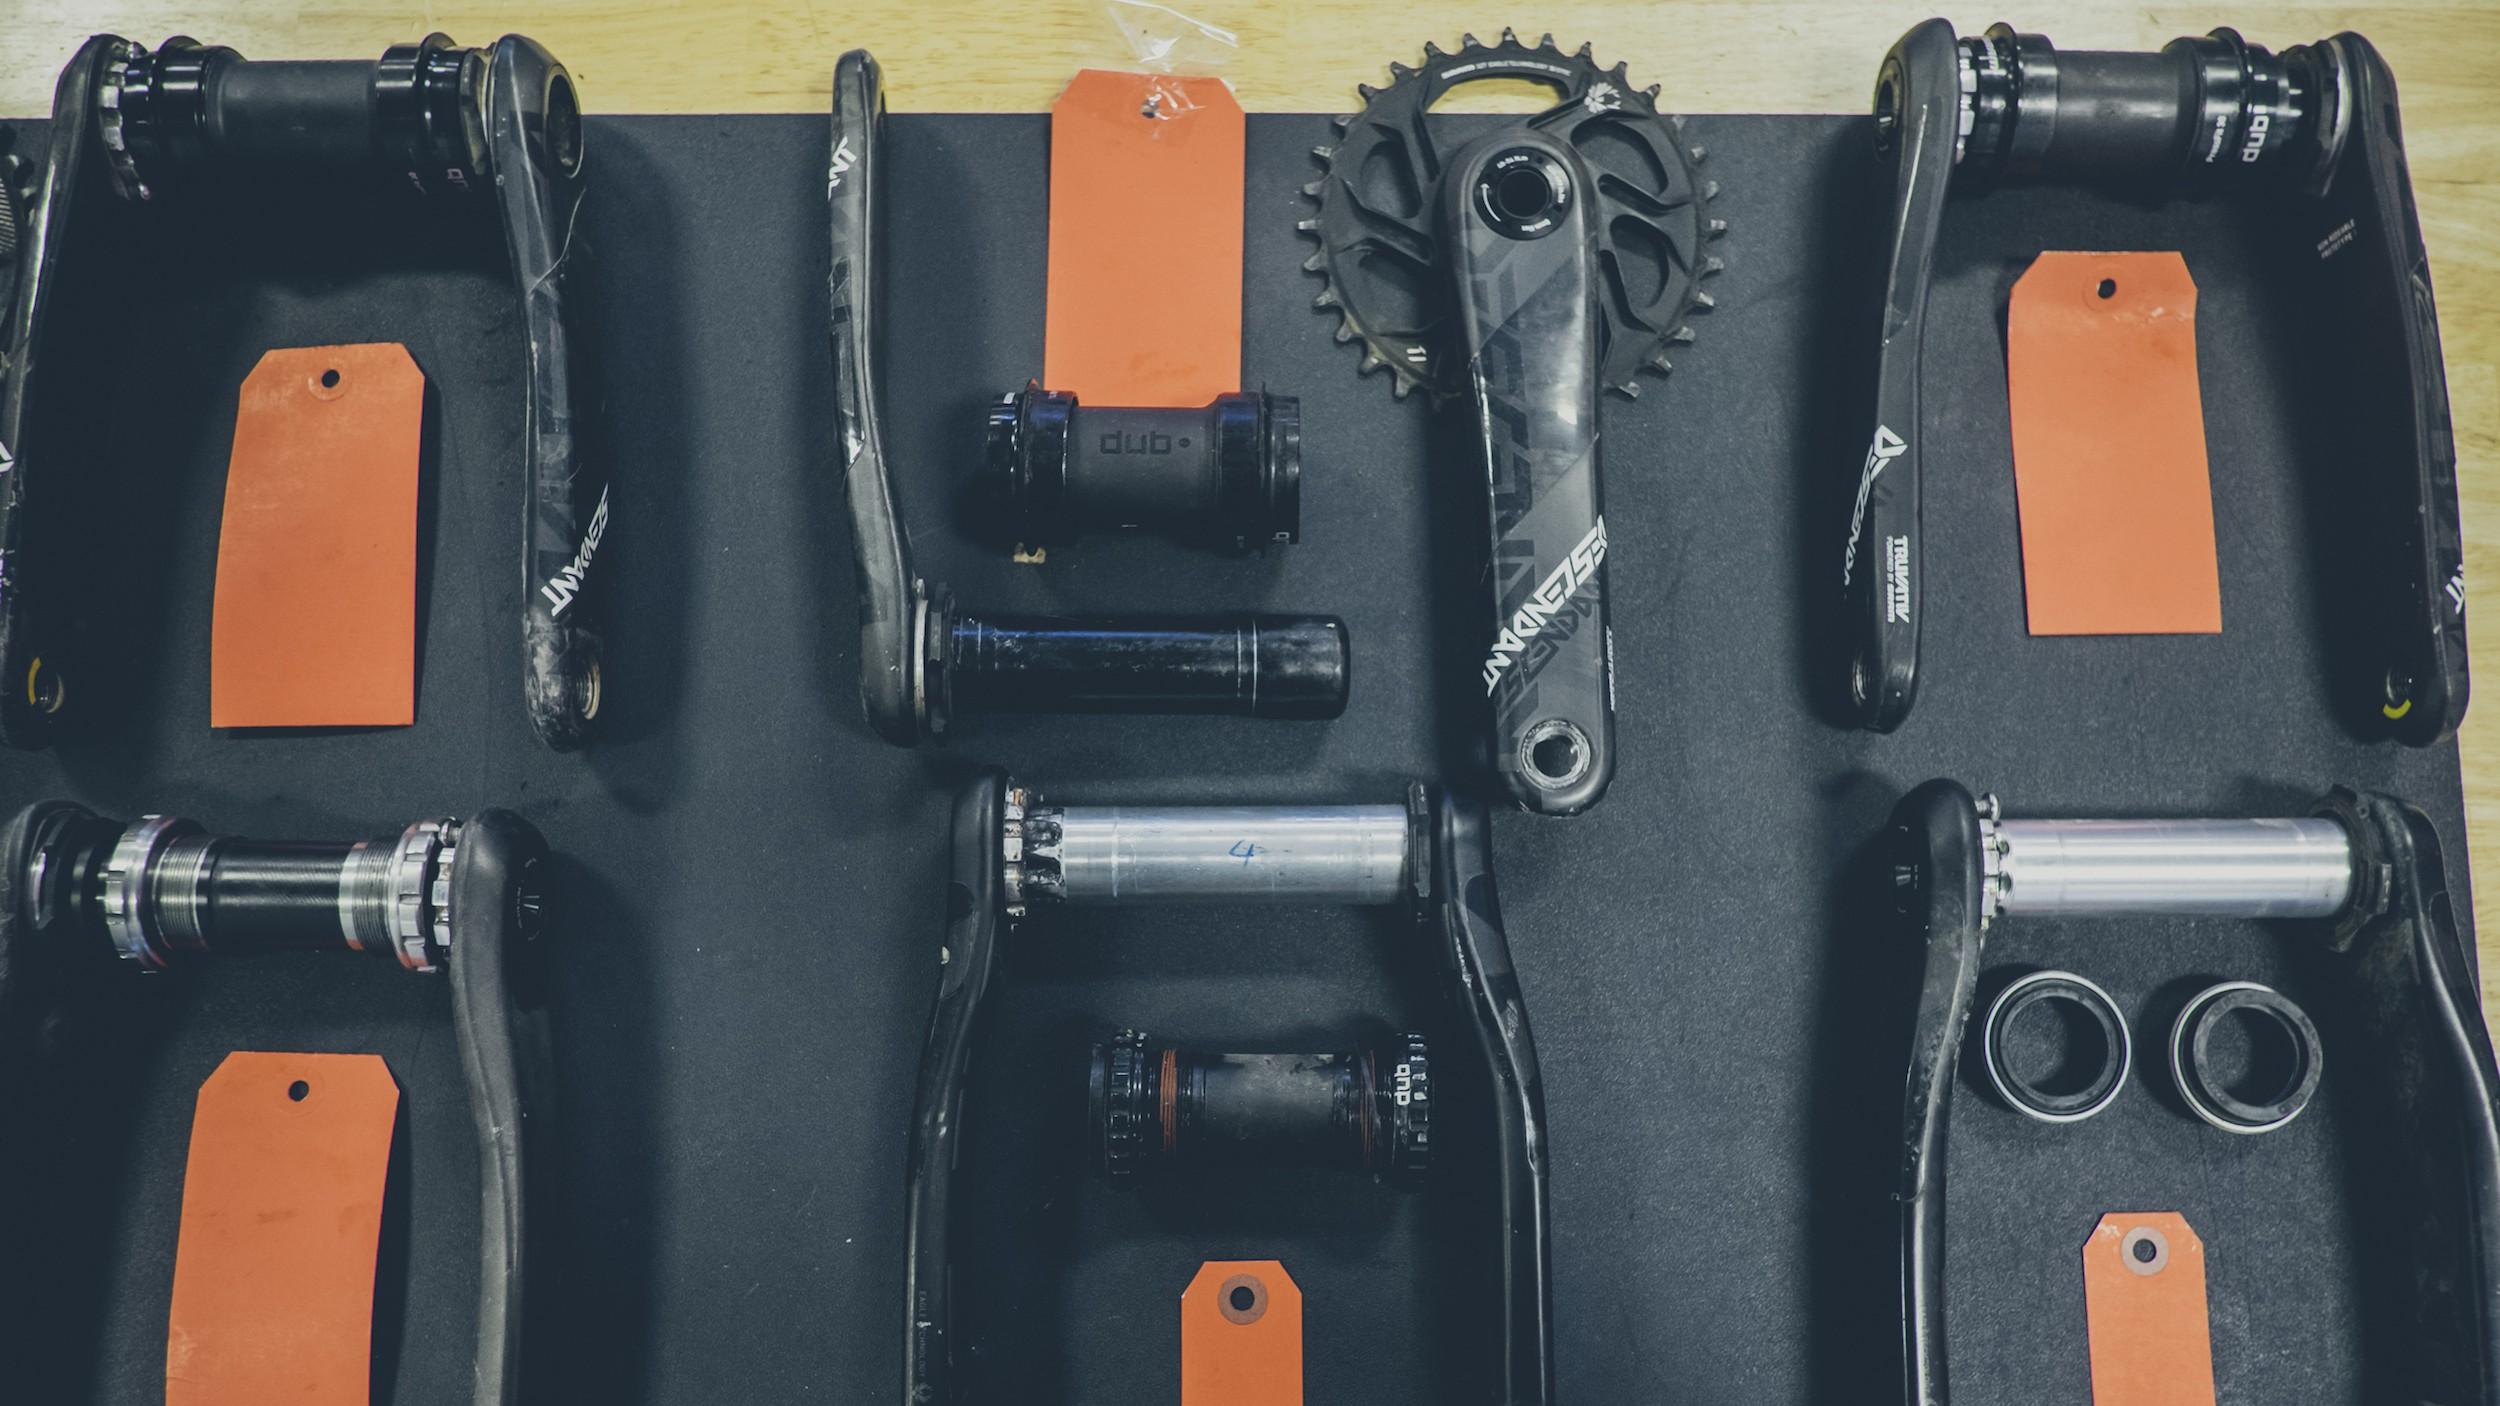 DUB Kurbeln mit 28,9 mm Achse passen in sämtliche DUB Lagerschalen. Diese sind für alle gängigen Rahmenstandards erhältlich.